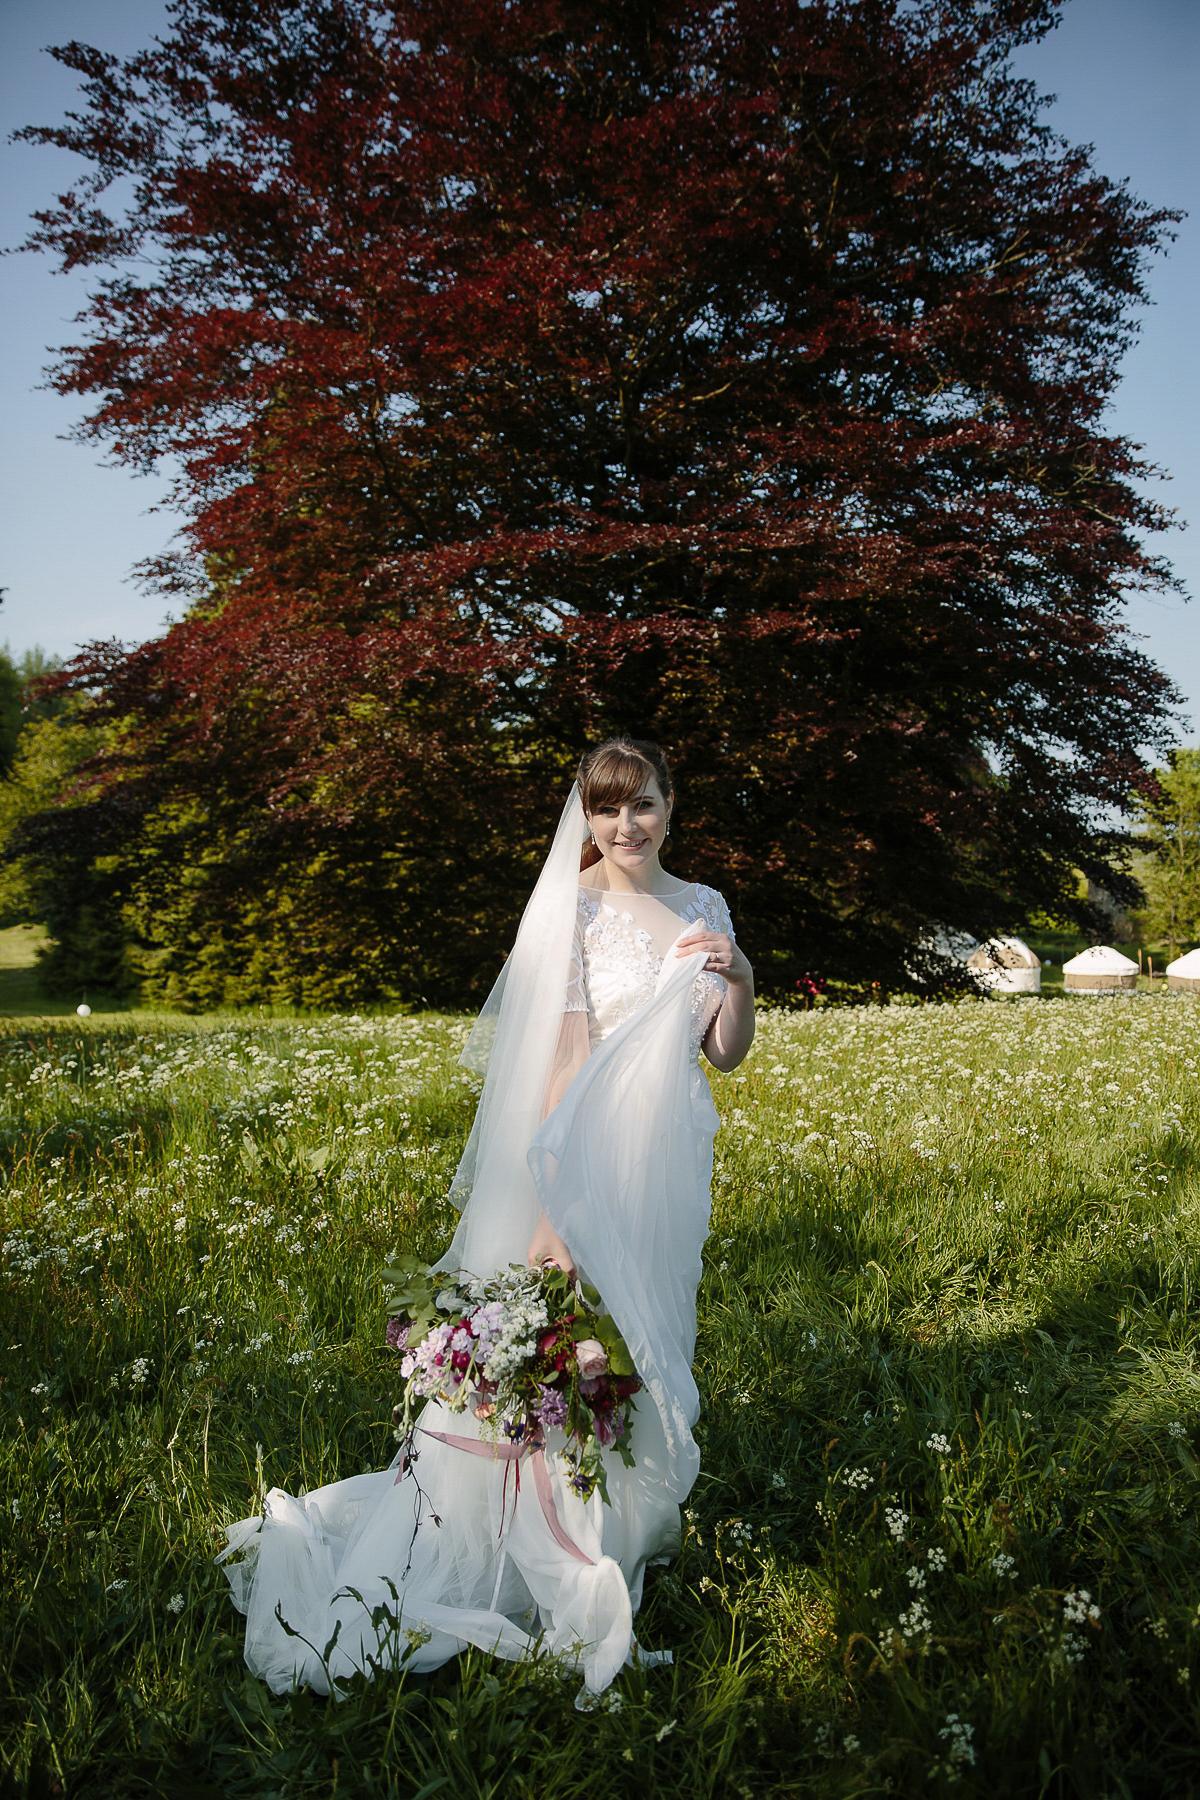 A Temperley London Dress For A Flower Filled Summer Wedding